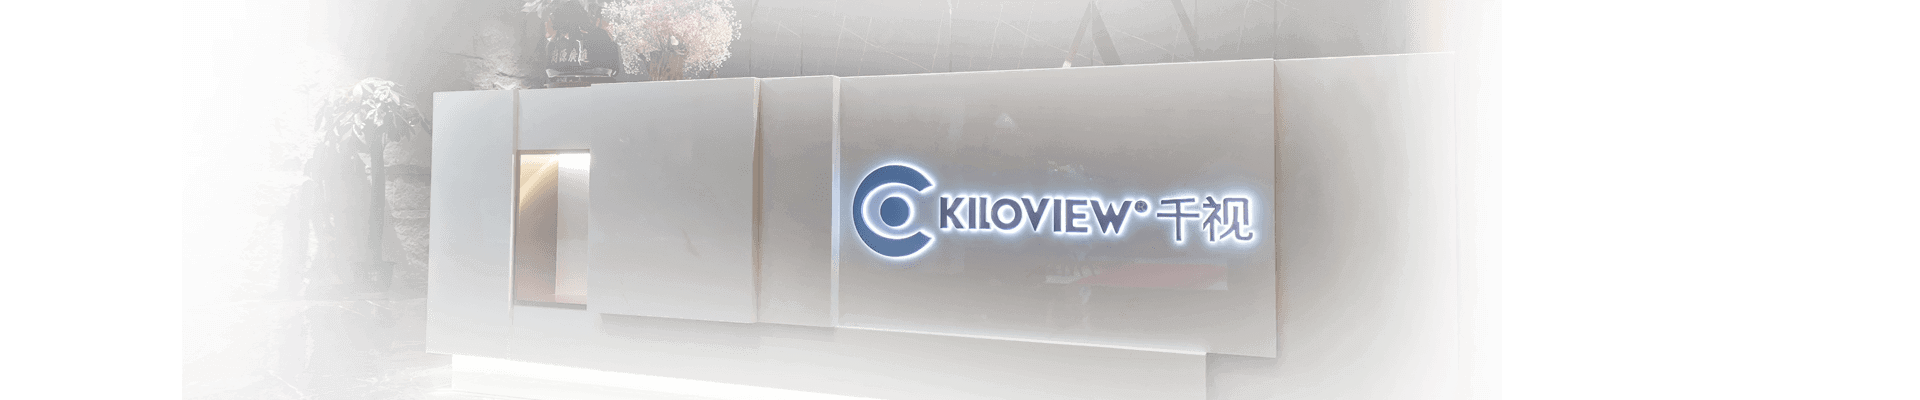 about-us-menu-backgroundkiloview-2021-10-new-use